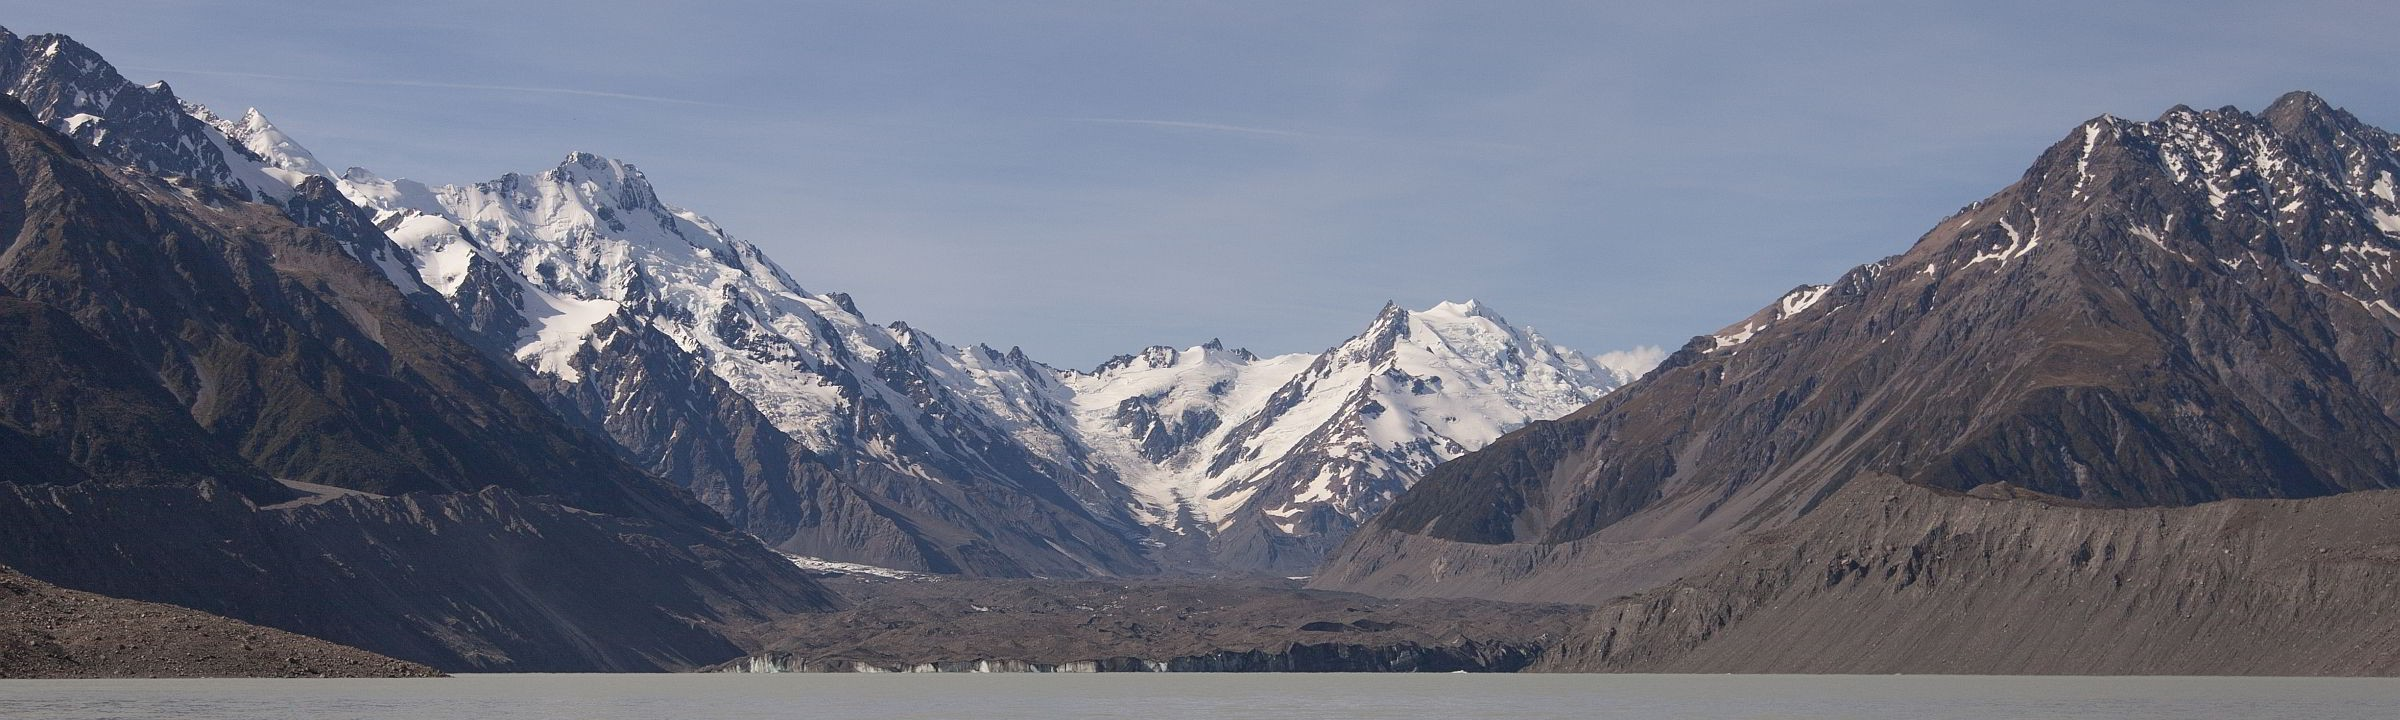 Beitragsbild_Tasman-Gletscher_Neuseeland-erleben-info